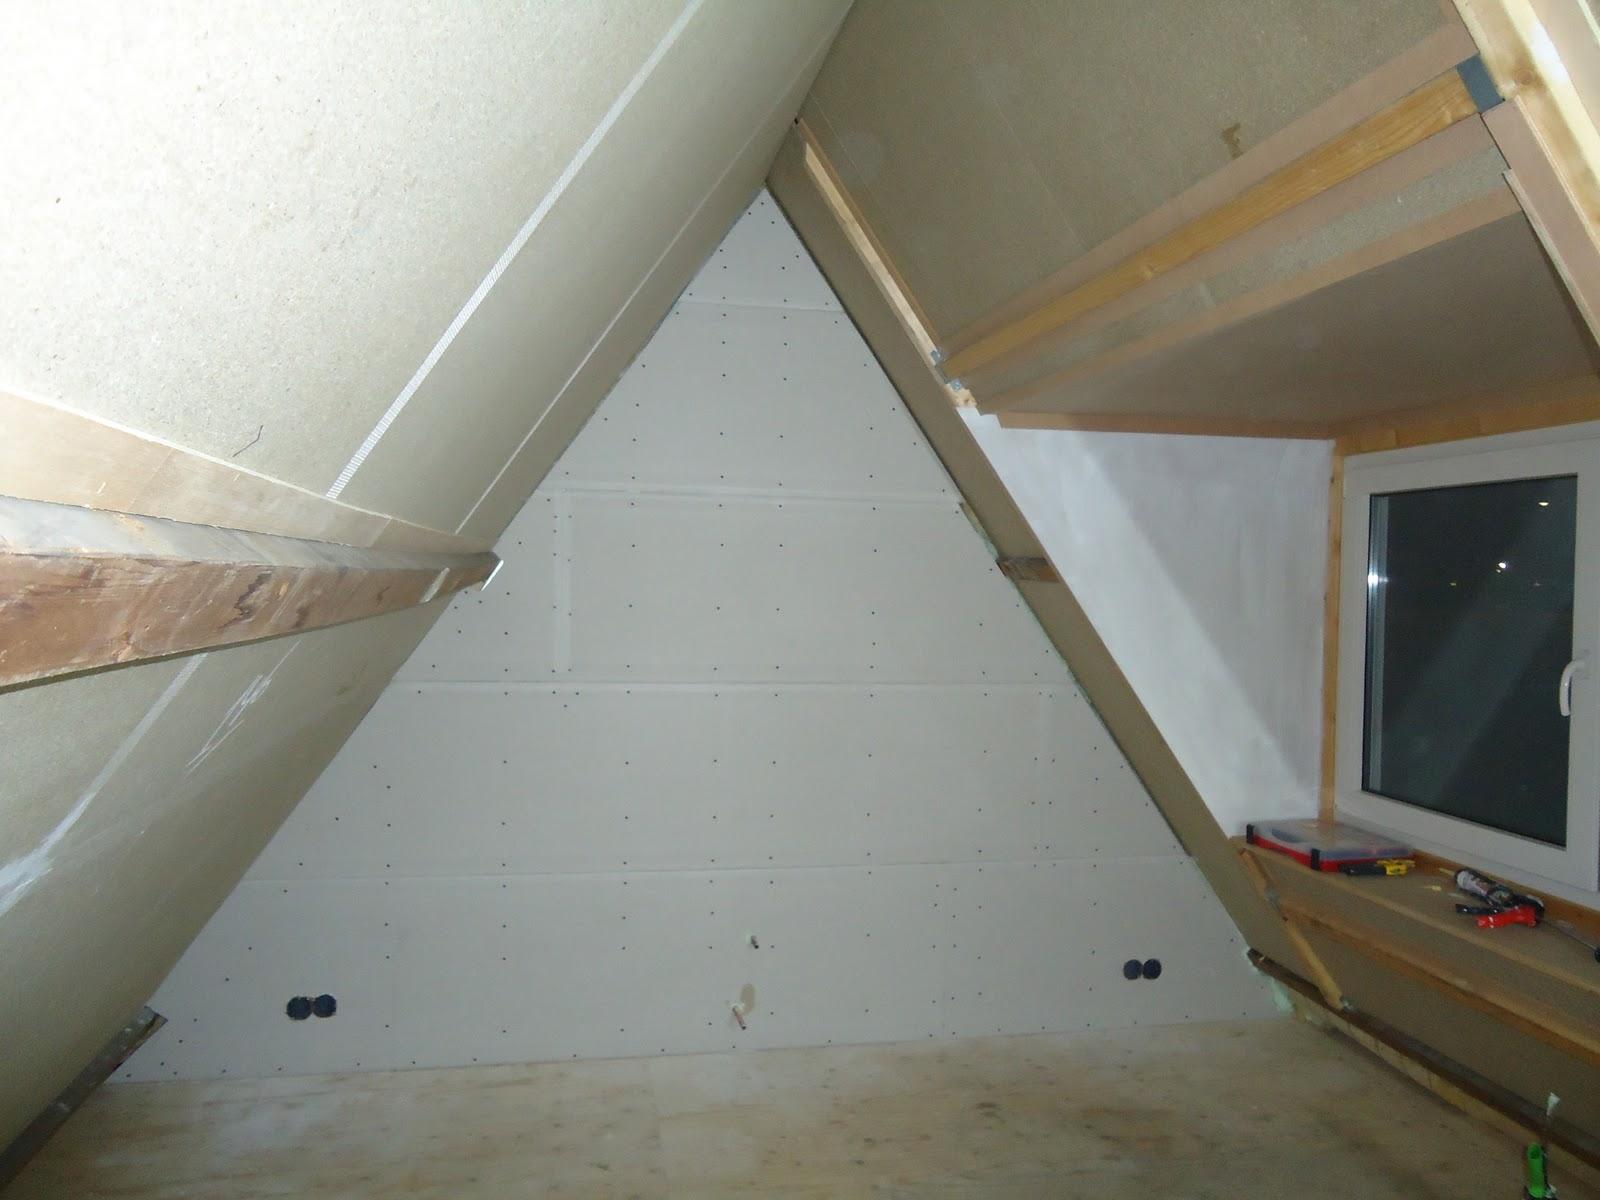 Slaapkamer Zolder Ideeen : Zolder slaapkamer schuin dak bx u aboriginaltourismontario